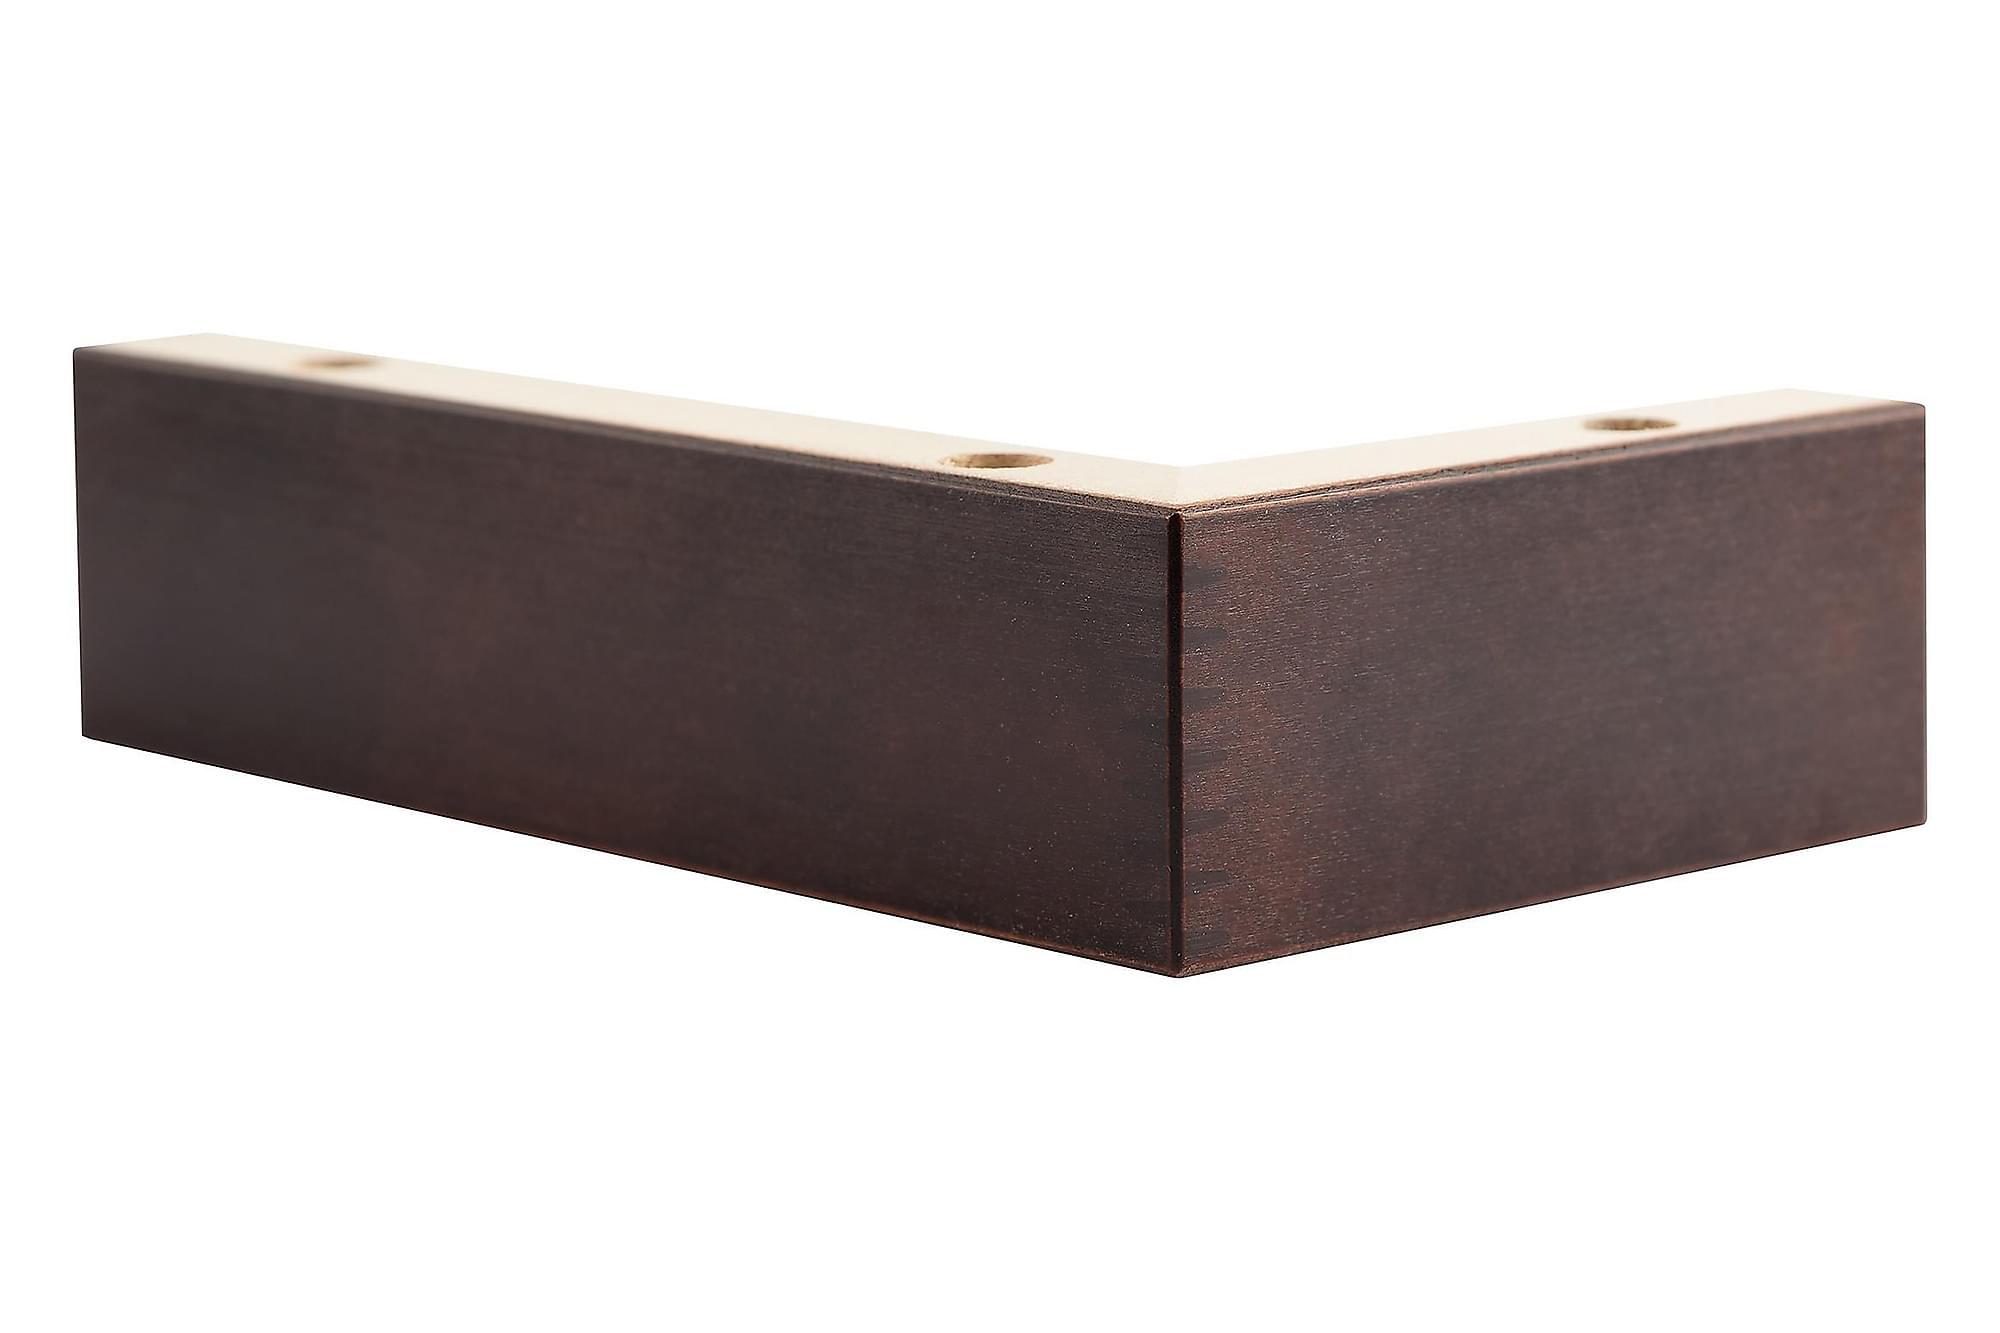 SOFFBEN Modell H 5 cm 8-Pack Brun